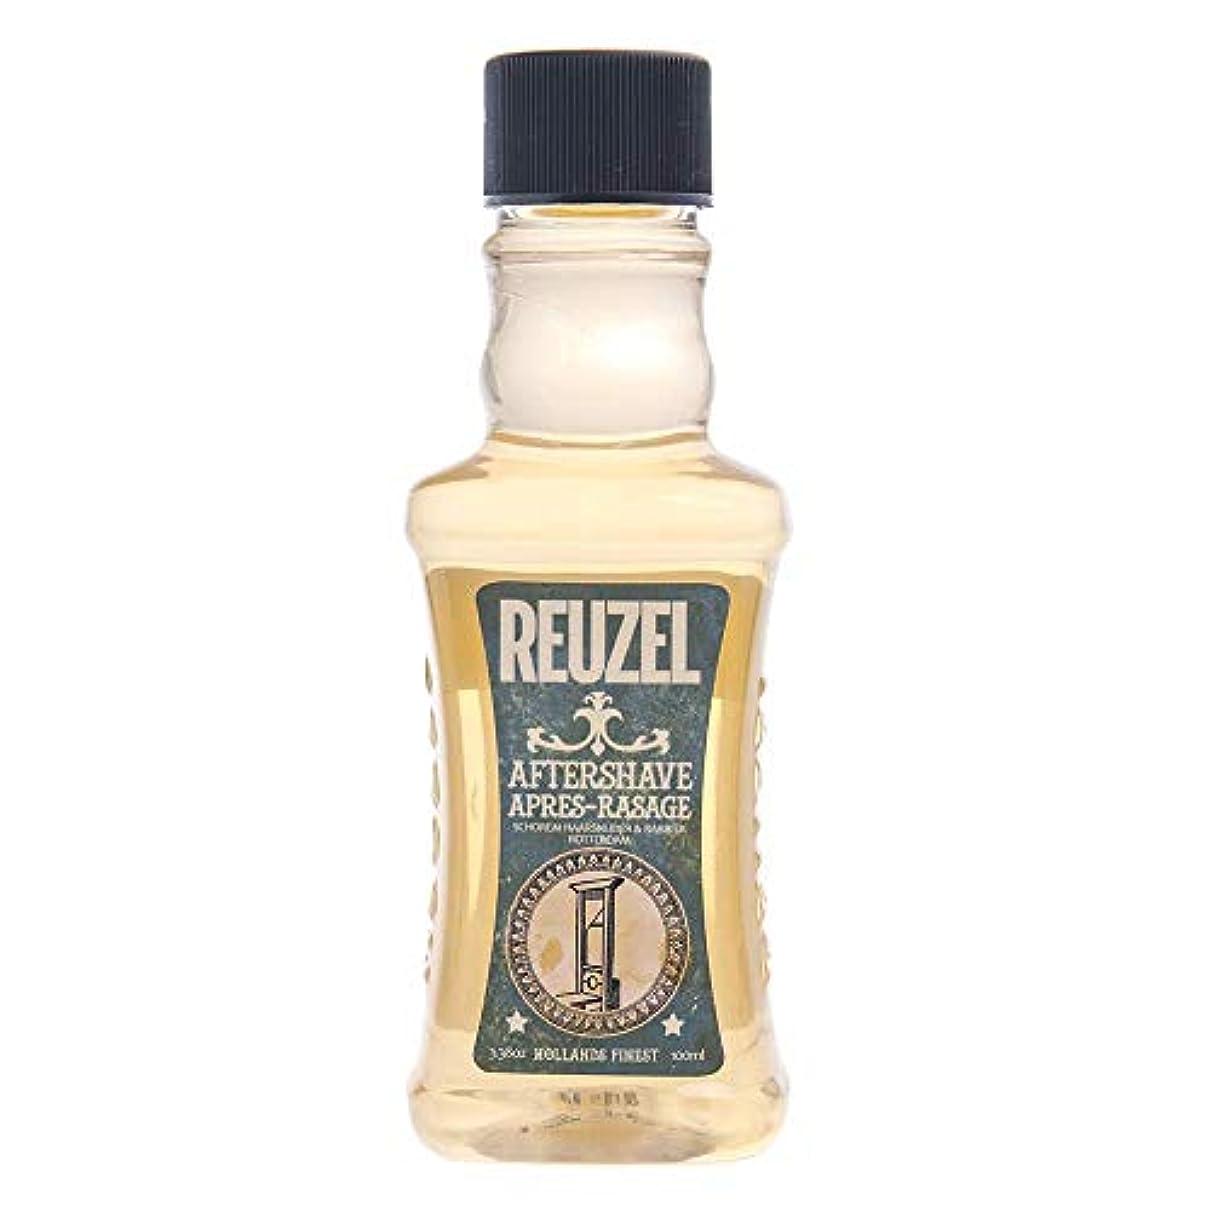 叫び声従来の抜け目がないルーゾー ビアード アフターシェーブ Reuzel Beard Aftershave 100 ml [並行輸入品]